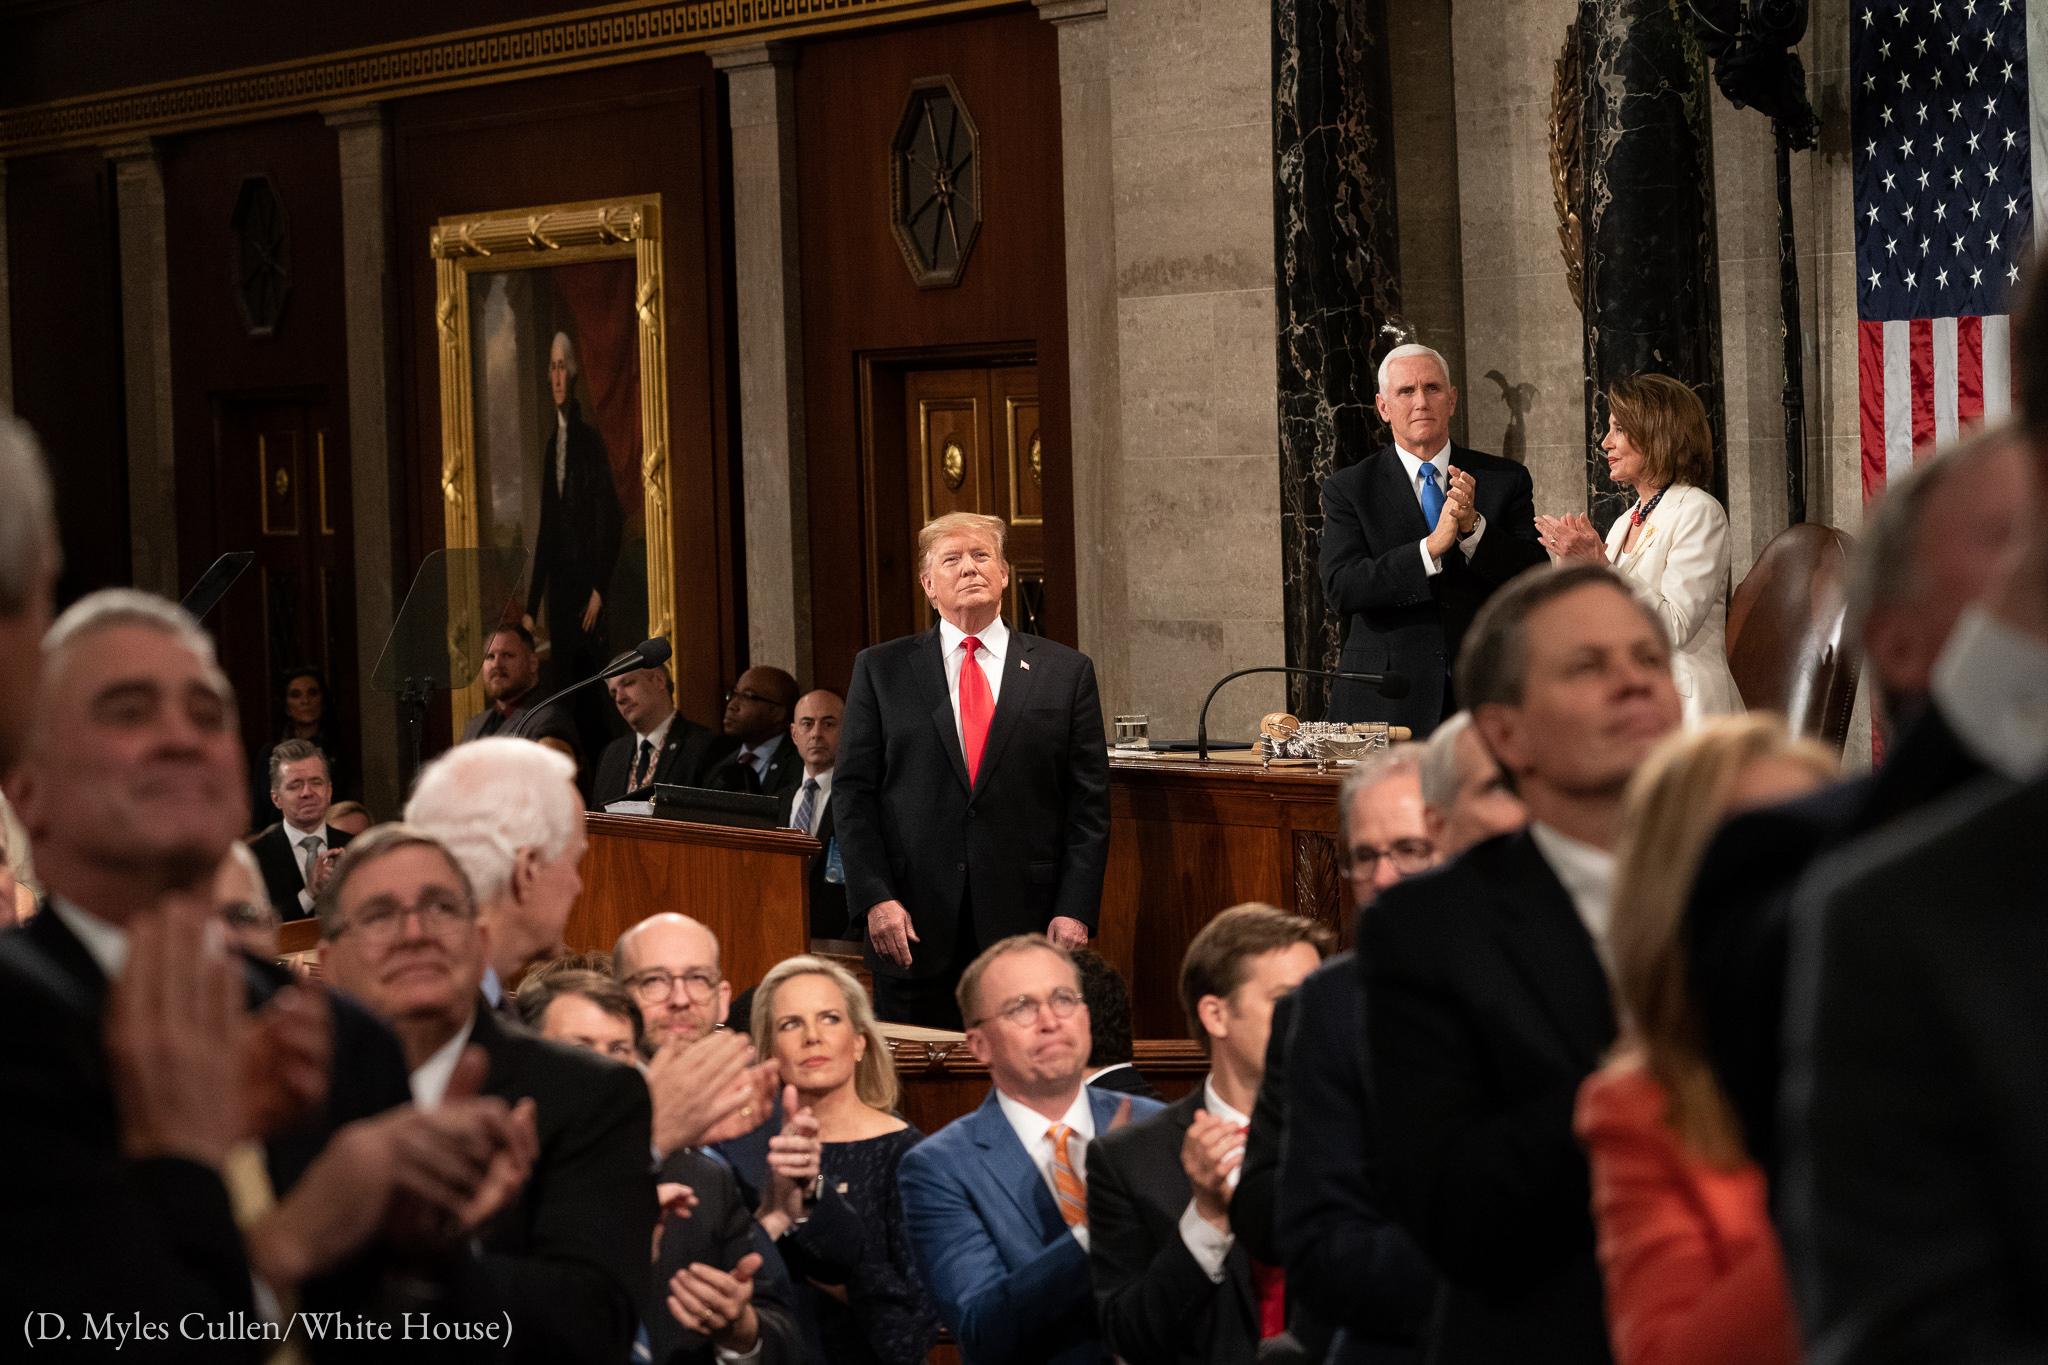 Les membres du Congrès et d'autres personnes applaudissent un invité du président Trump lors de son discours sur l'état de l'Union prononcé le 5 février 2019 à Washington. (D. Myles Cullen/Maison Blanche)